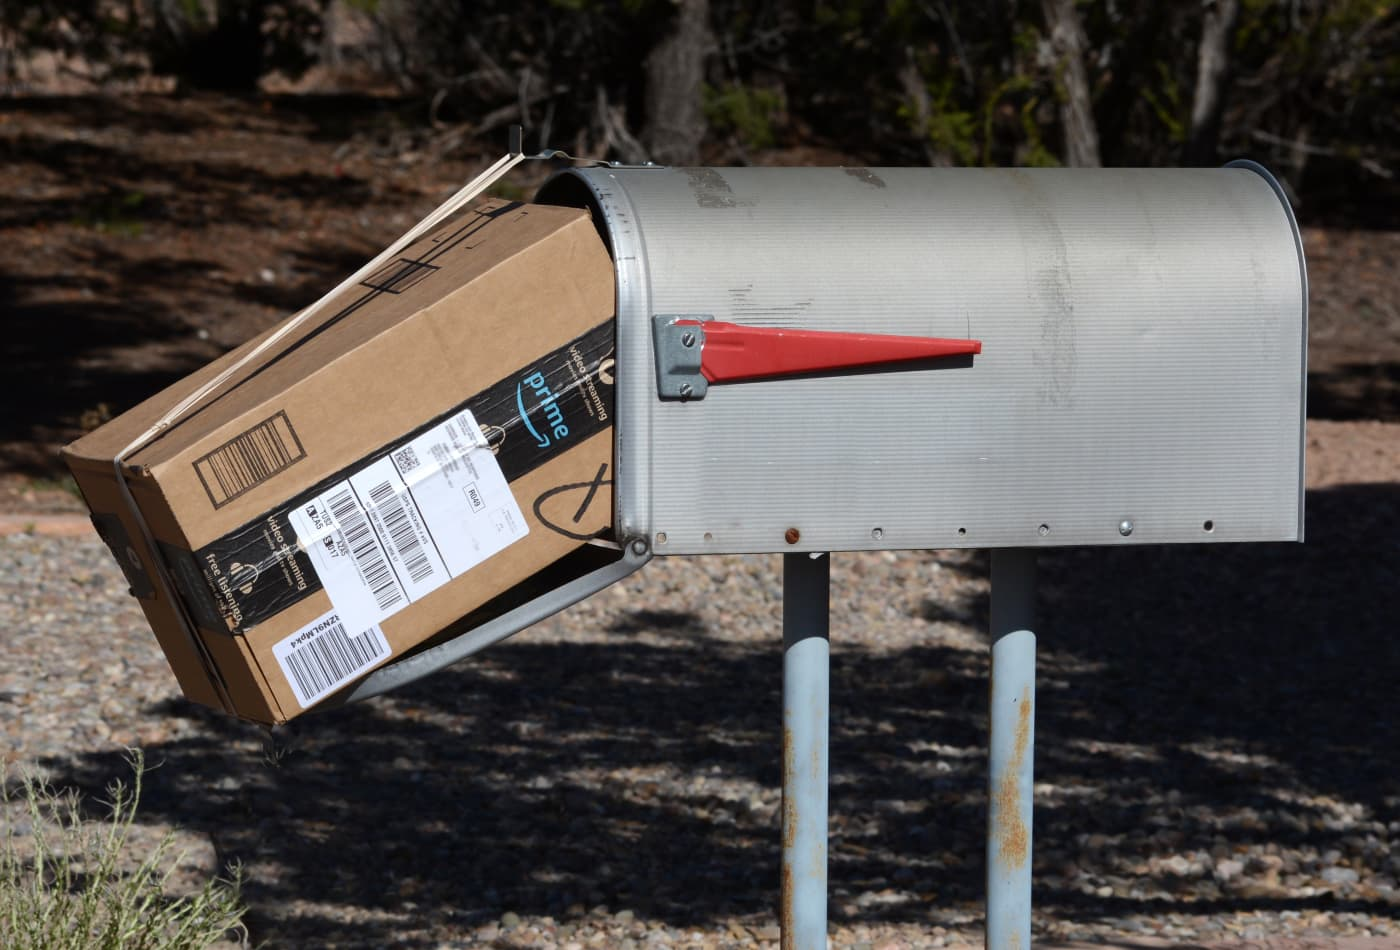 SANTA FE, NEW MEXICO - Ngày 5 tháng 4 năm 2020: Một gói hàng Amazon Prime được nhân viên Bưu điện Hoa Kỳ ở Santa Fe, New Mexico chuyển đến hộp thư. (Ảnh của Robert Alexander / Getty Images)